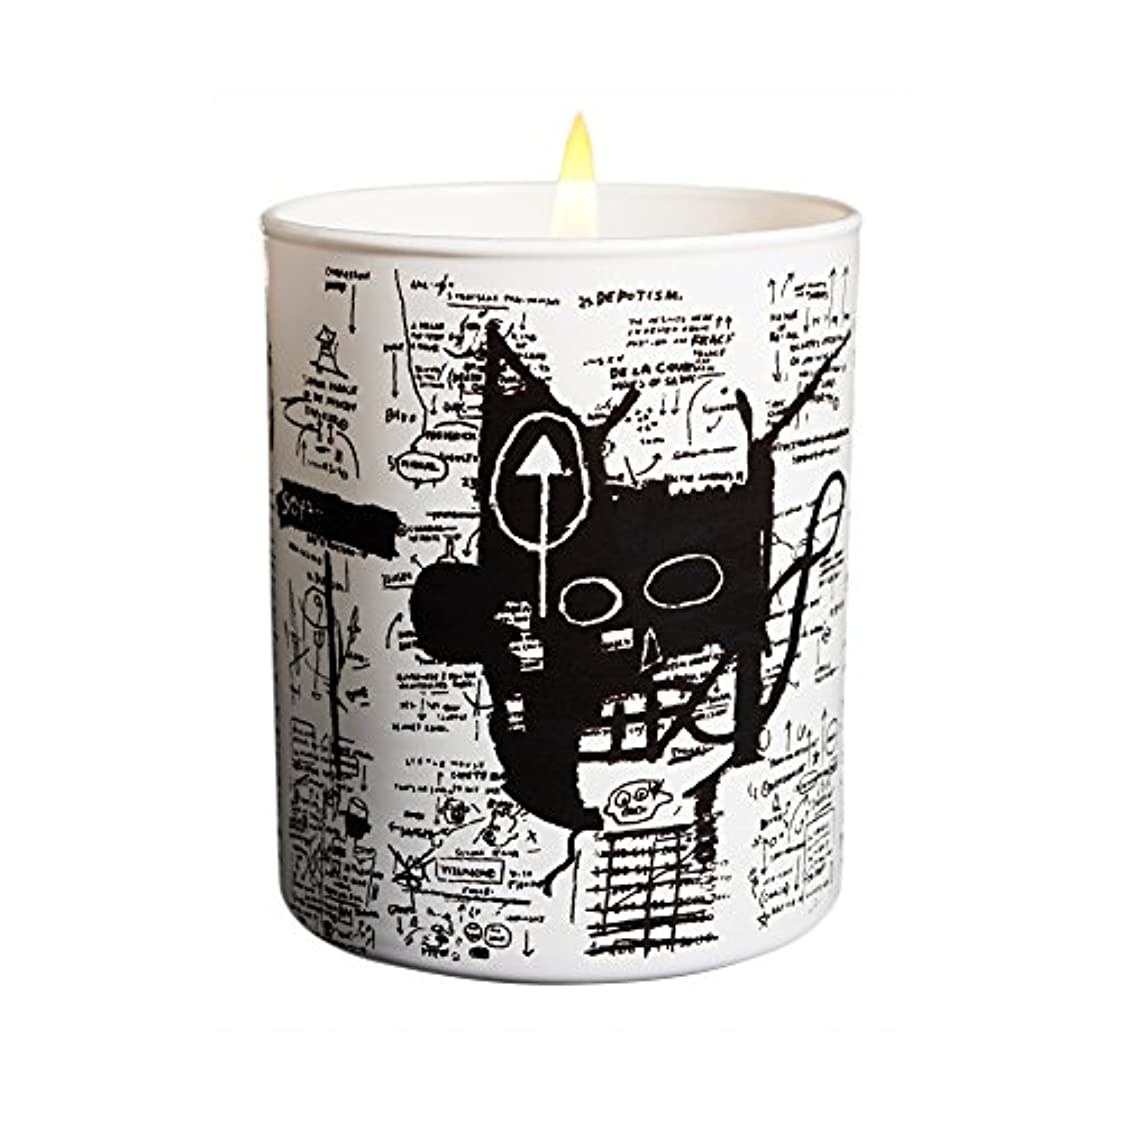 お願いします大胆不敵ガチョウジャン ミシェル バスキア リターン オブ ザ セントラル フィギュア キャンドル(Jean-Michael Basquiat Perfumed Candle